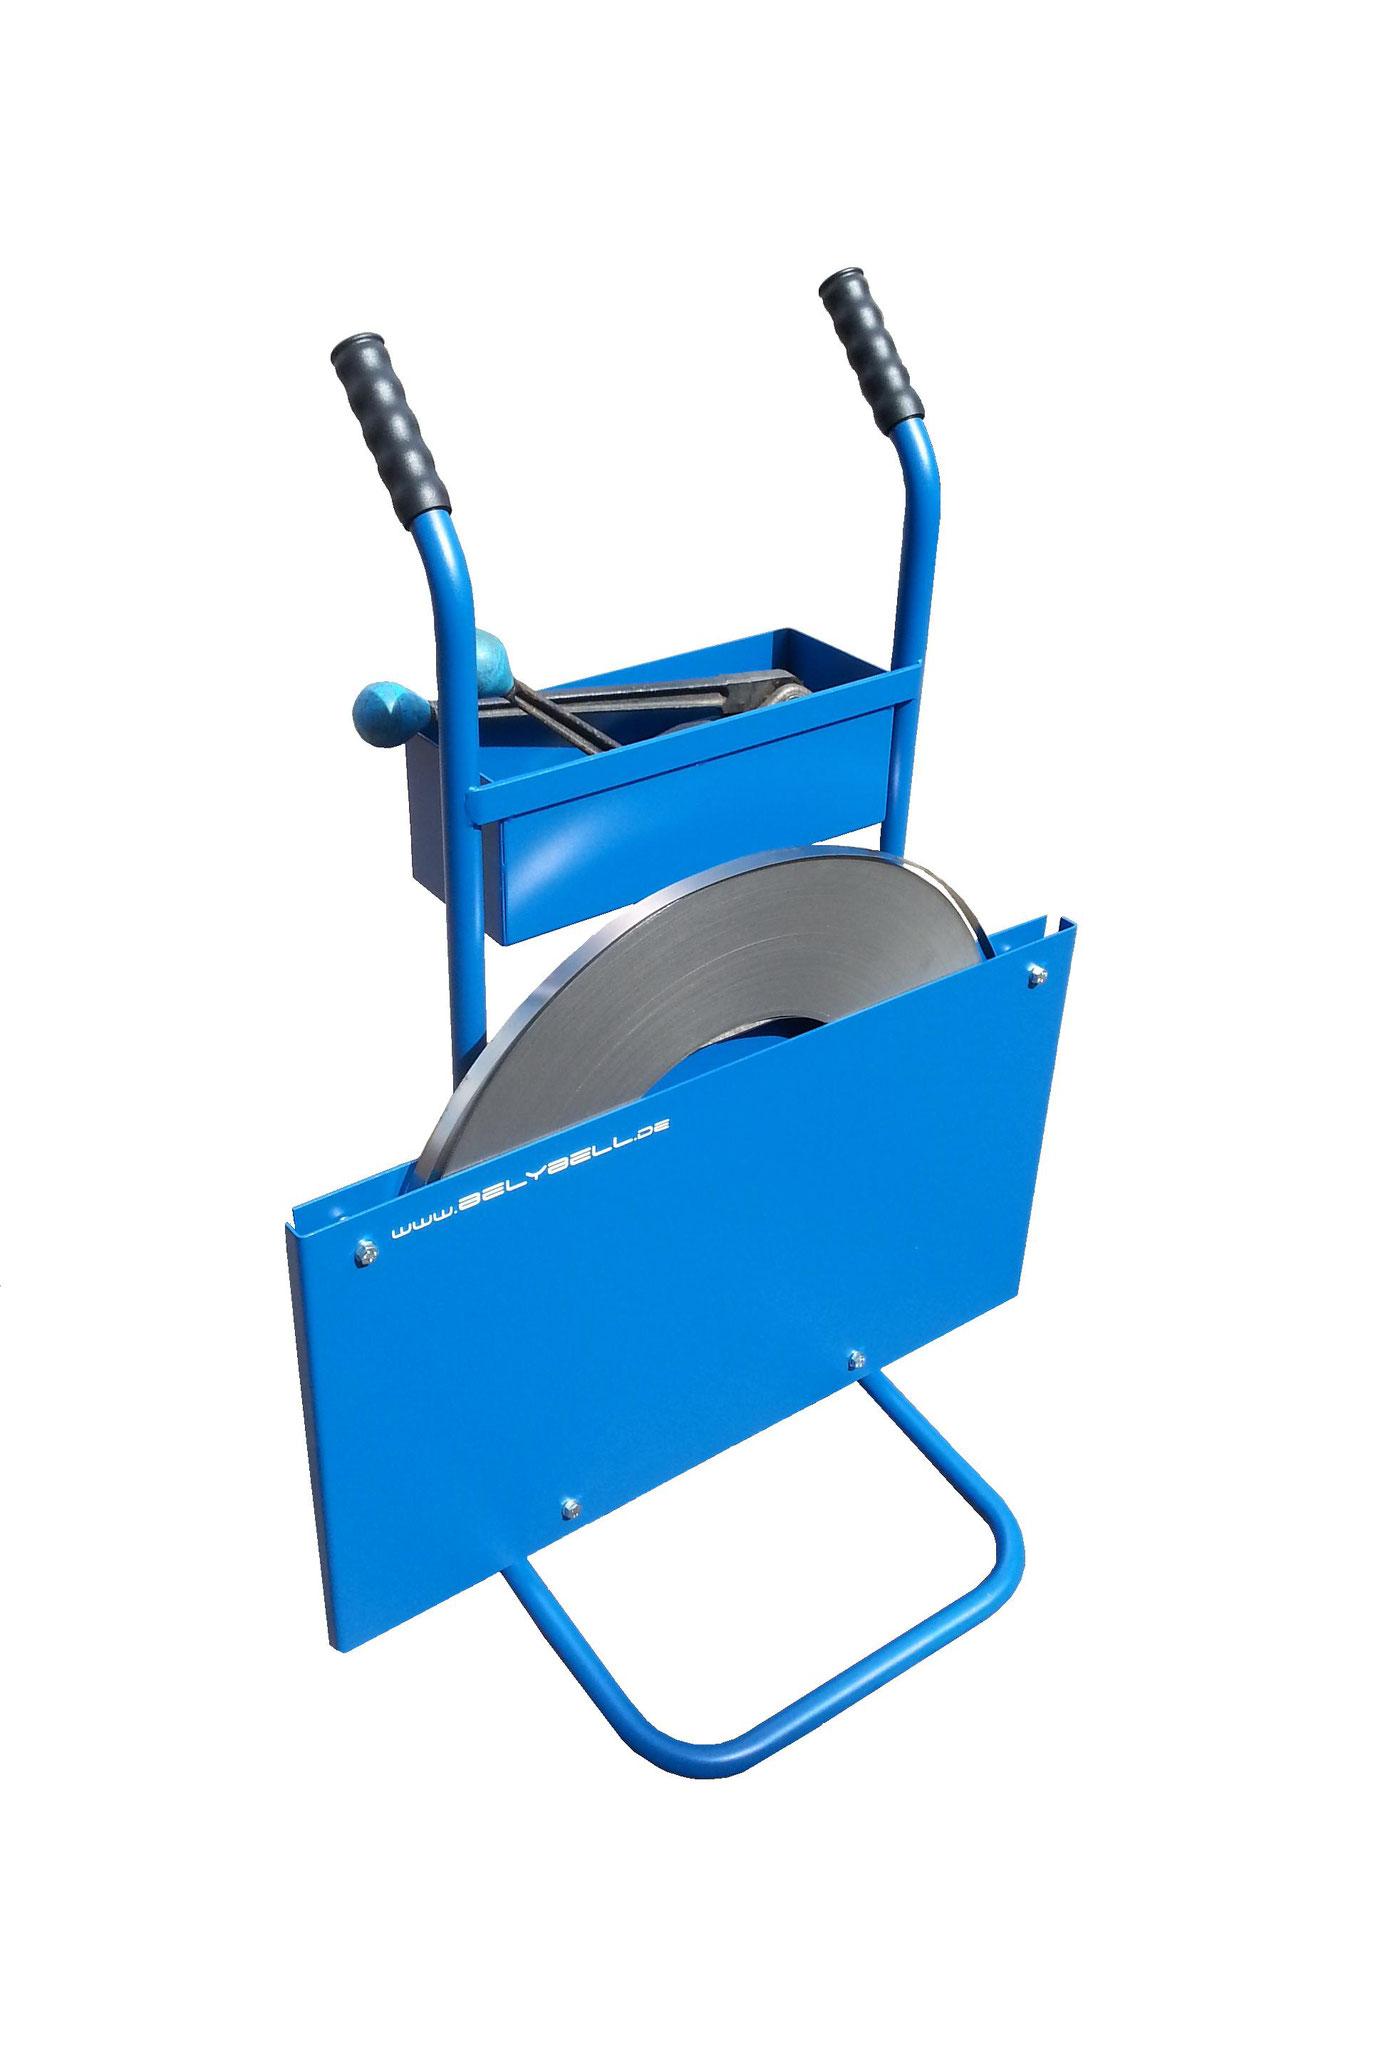 mit Abroller und Stahlband (Beispielfoto)